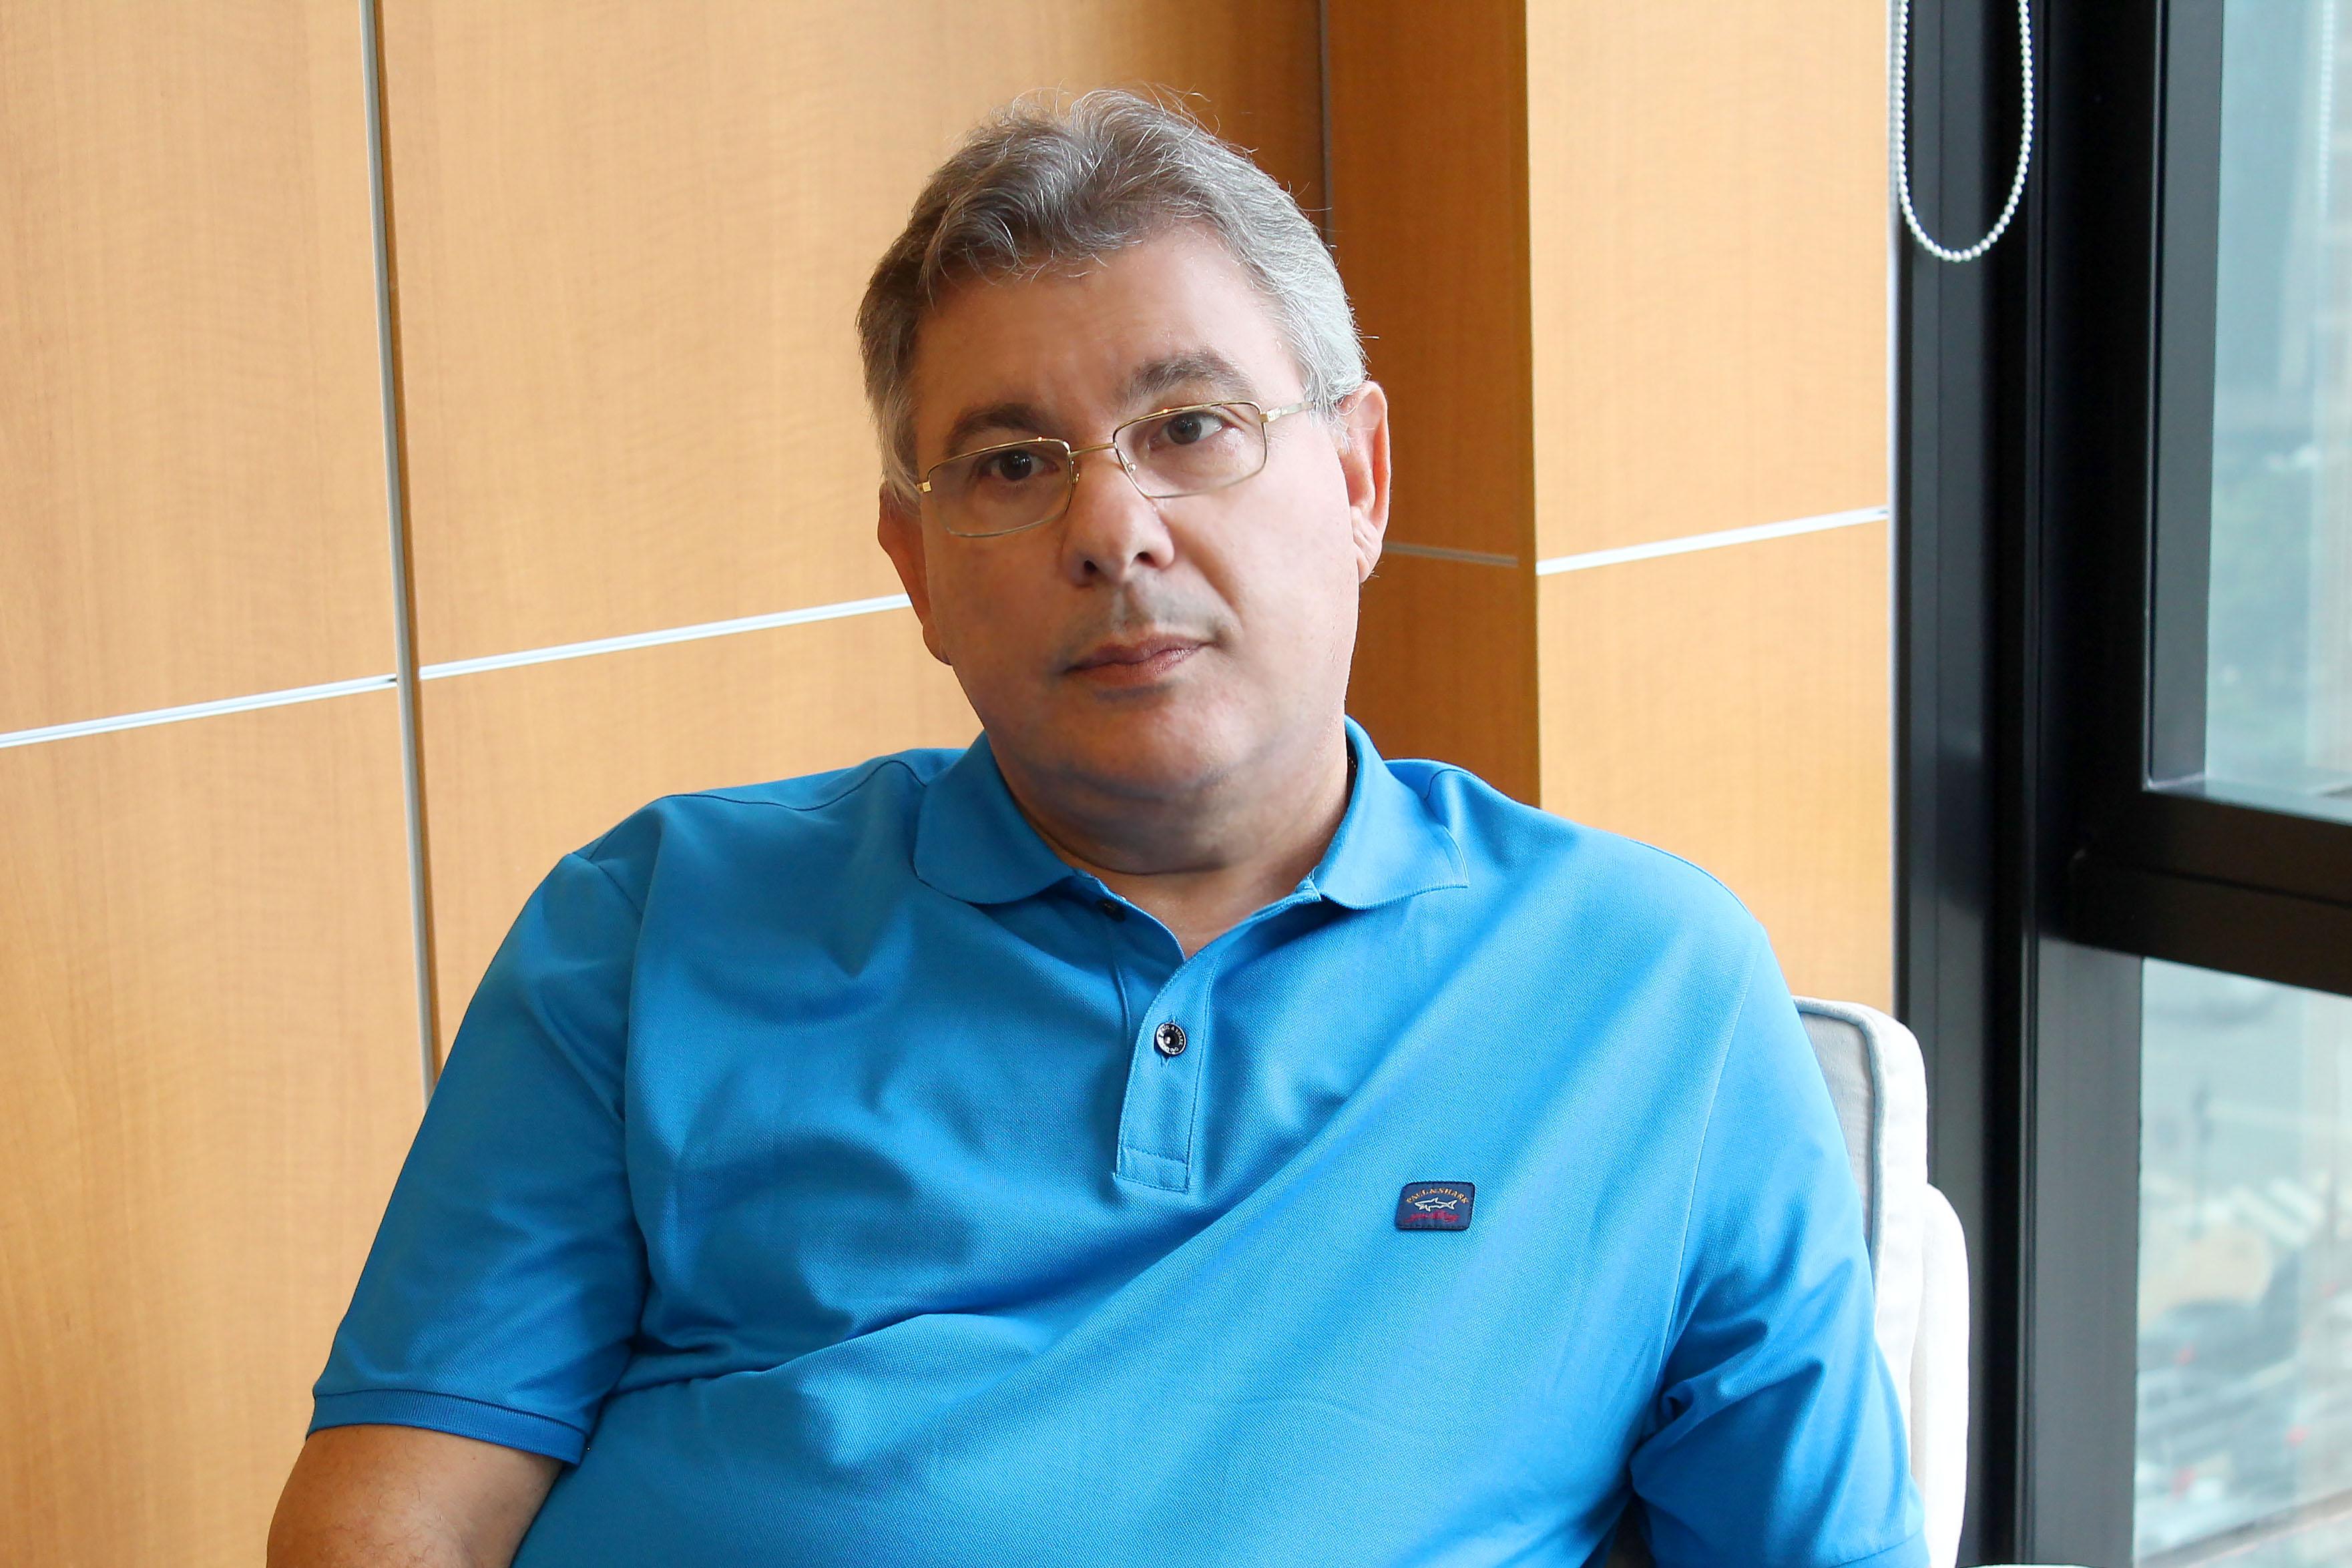 José Roberto Colnaghi